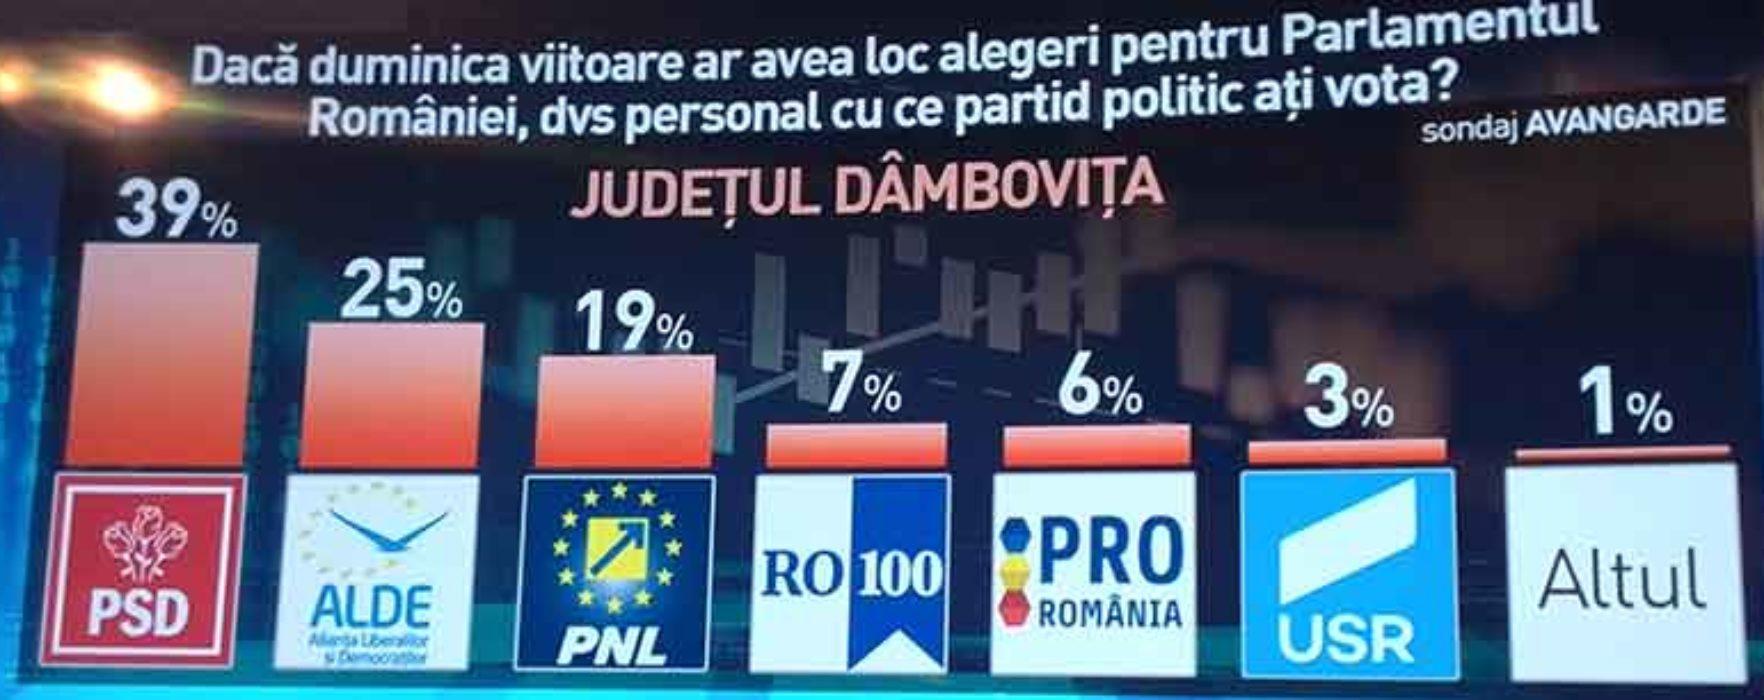 Sondaj Avangarde, Dâmboviţa: PSD 39%, ALDE 25%, PNL 19%